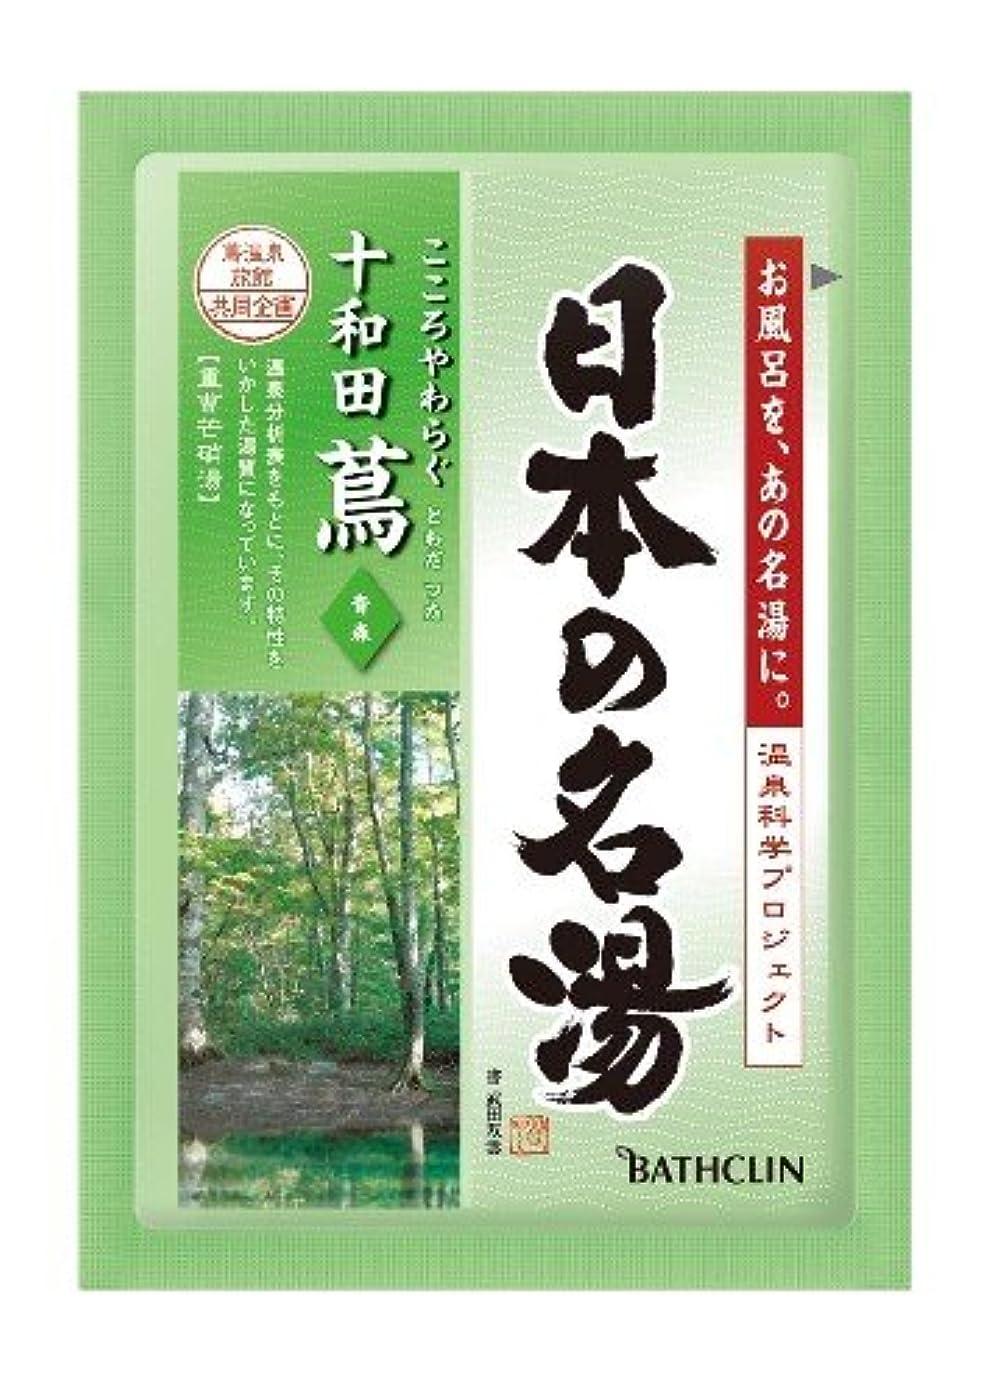 幸福チキンスピンバスクリン ツムラの日本の名湯 十和田鳶 30g